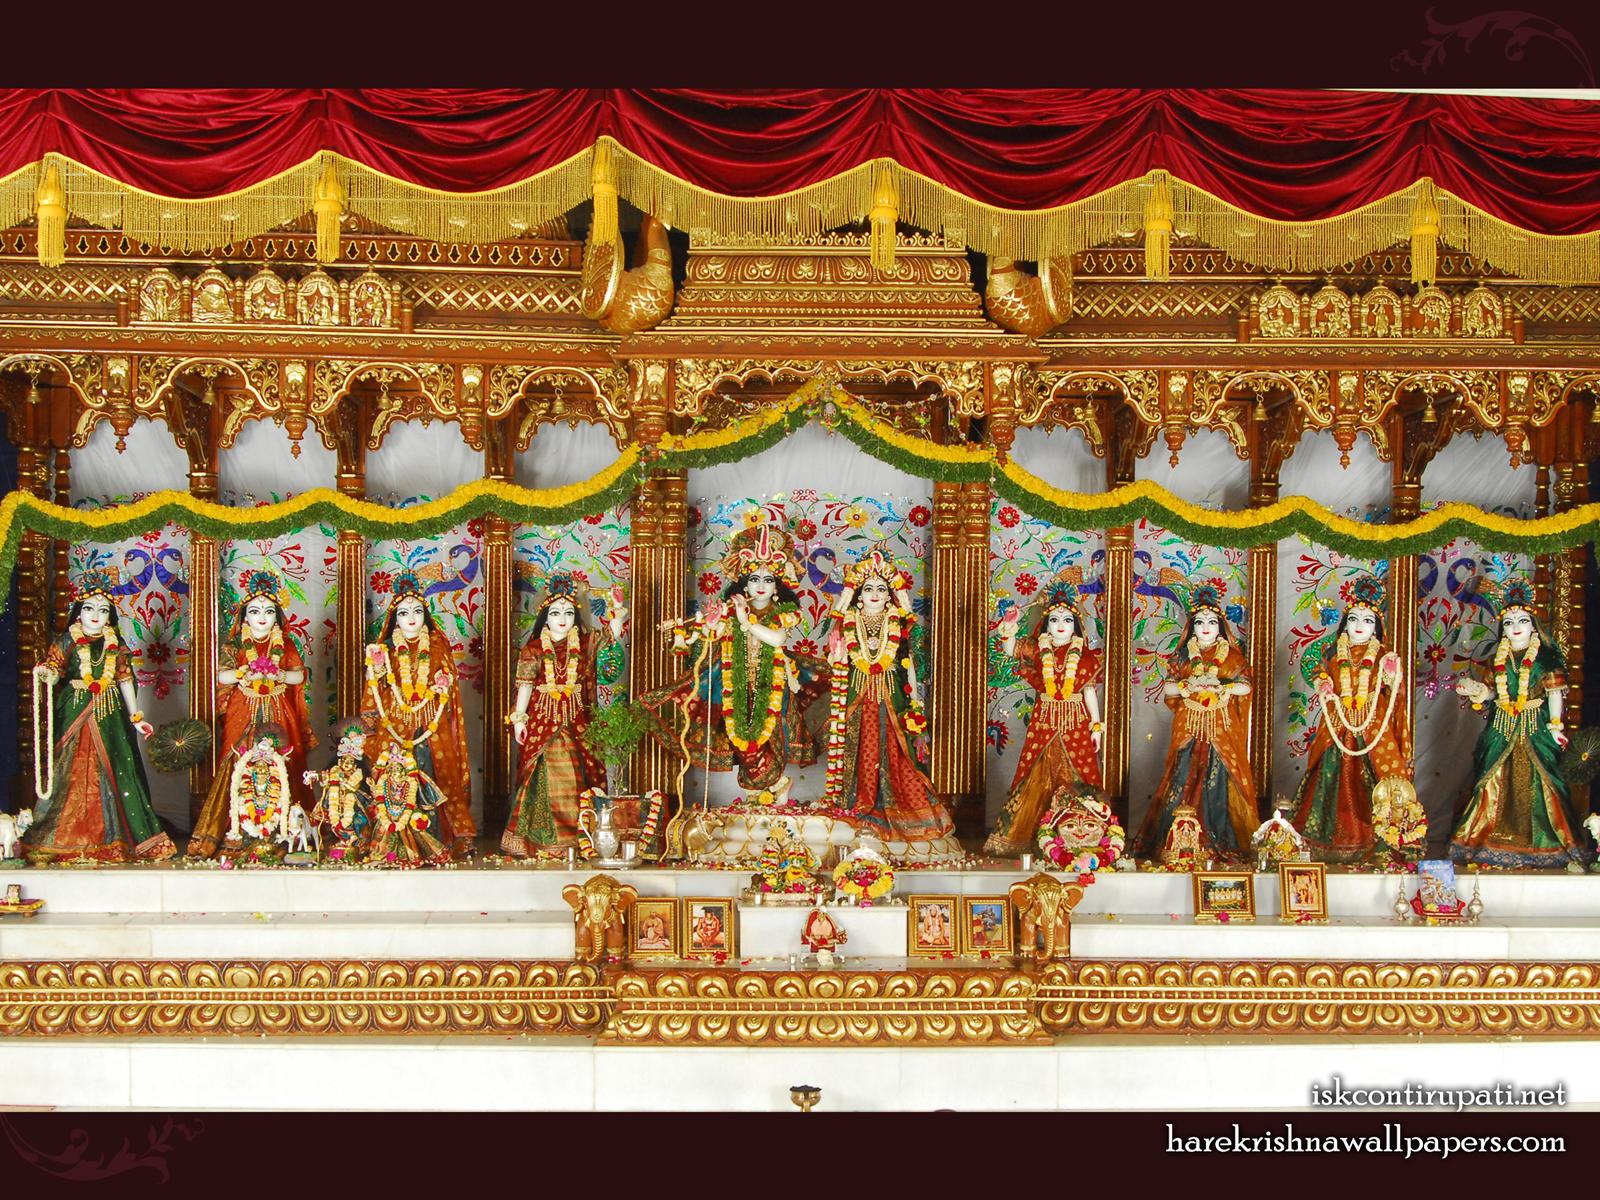 Sri Sri Radha Govinda with Ashtasakhi Wallpaper (002) Size1600x1200 Download